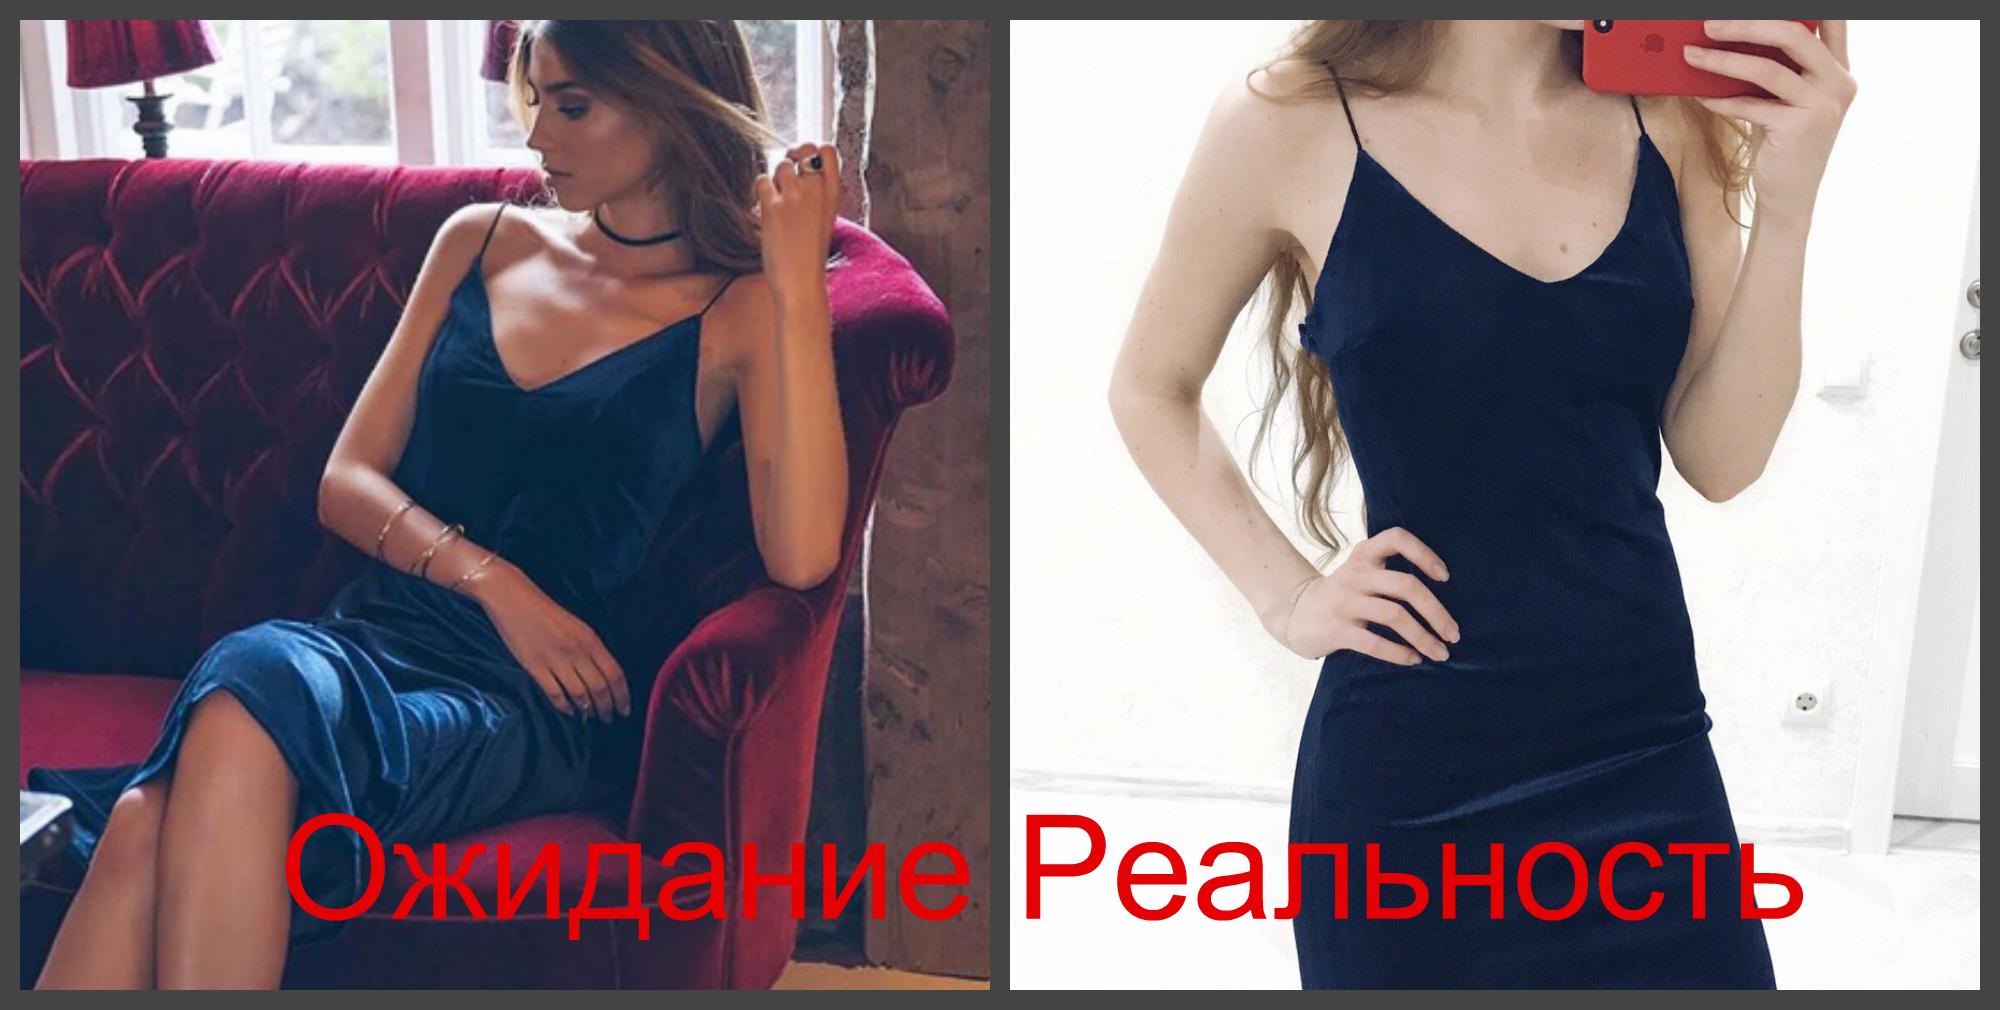 311d7ea54486ea5 Элегантное платье в бордовом цвете. Один из самых модных оттенок этого года  — бордовый. Именно в этом цвете выполнено это элегантное платье с открытыми  ...